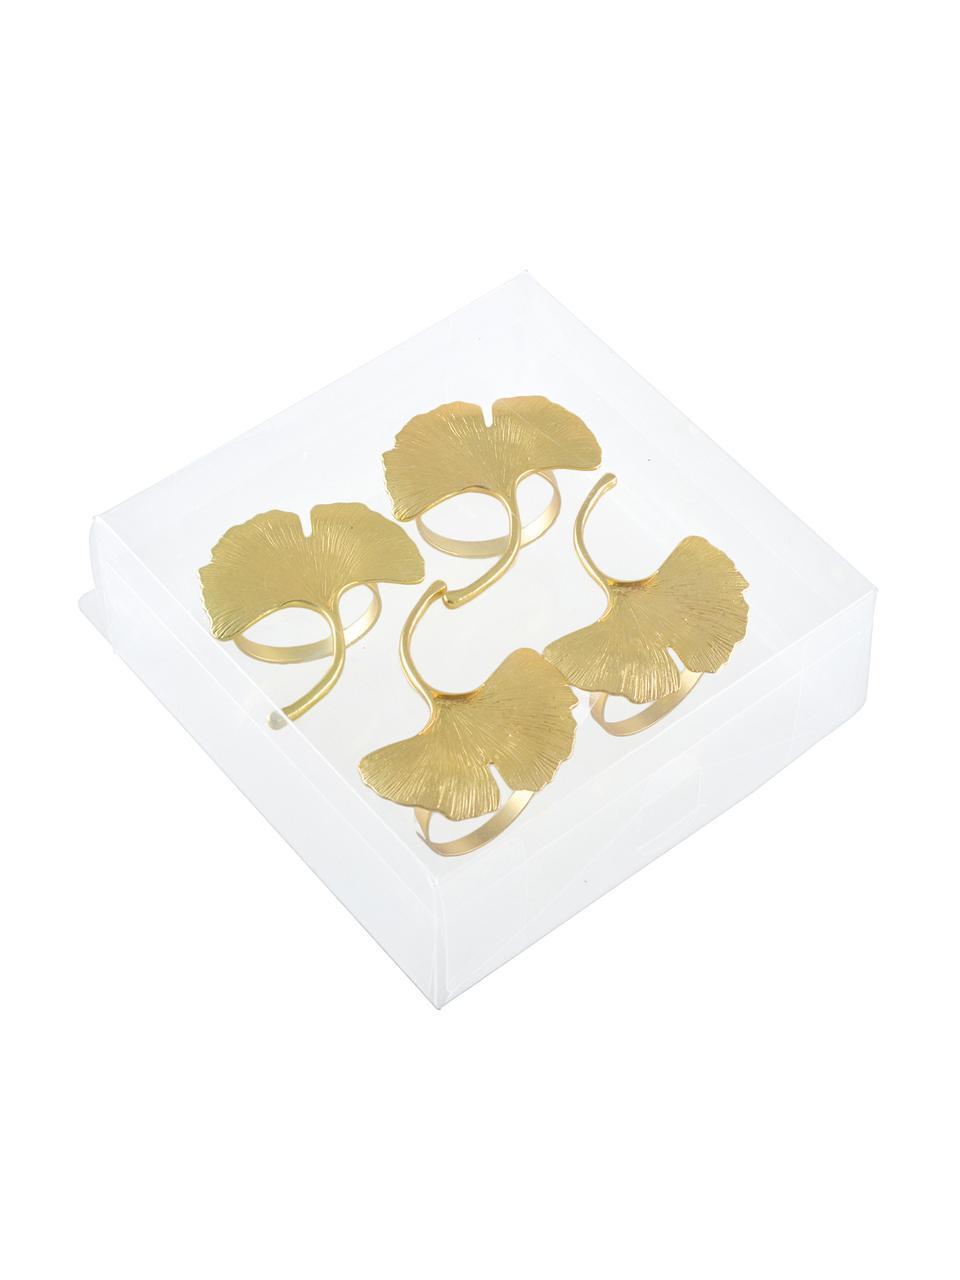 Rond de serviette de table Ginkgo, 4pièces, Couleur dorée